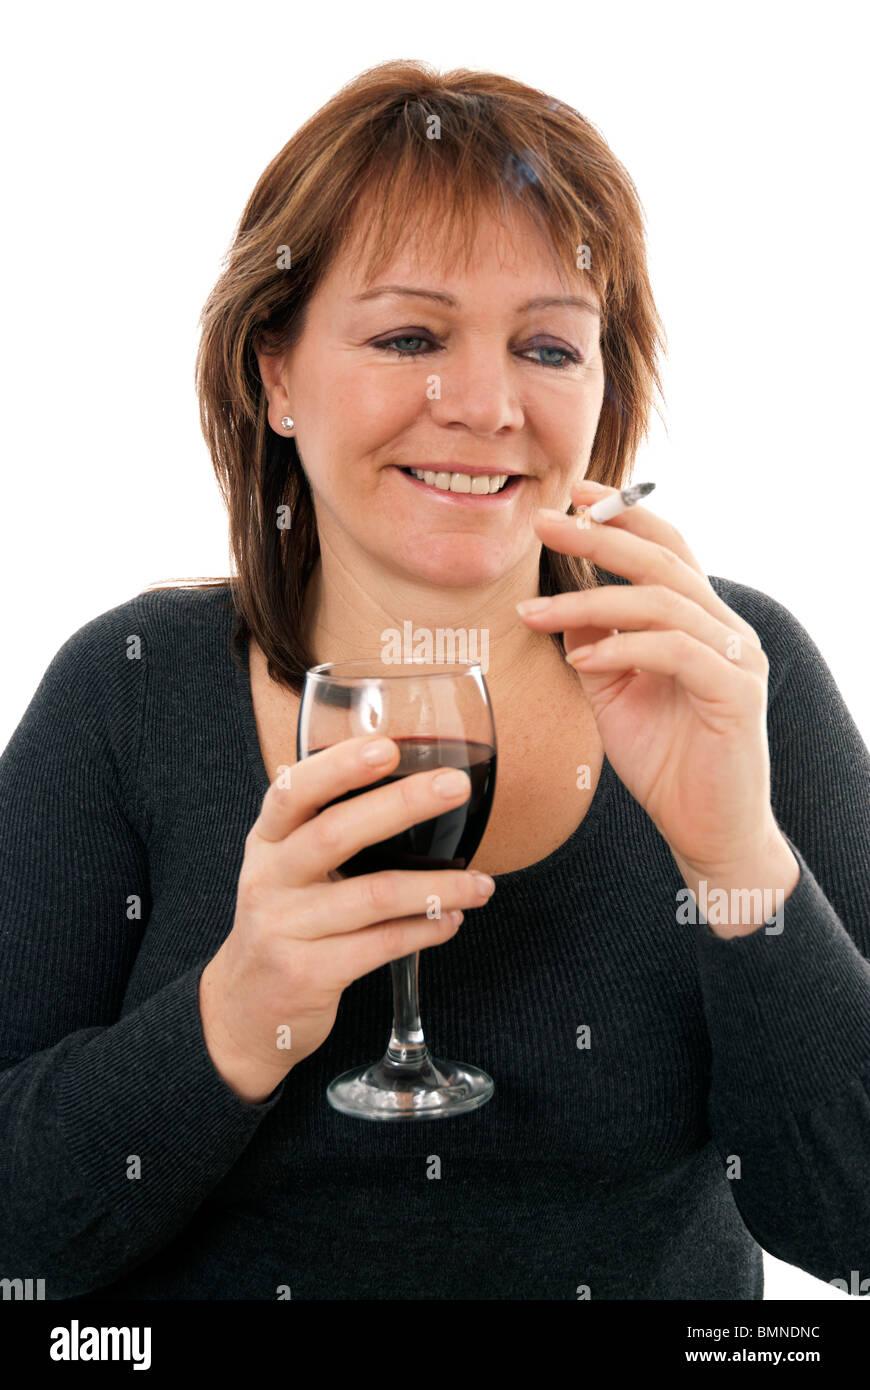 Dating a heavy drinker